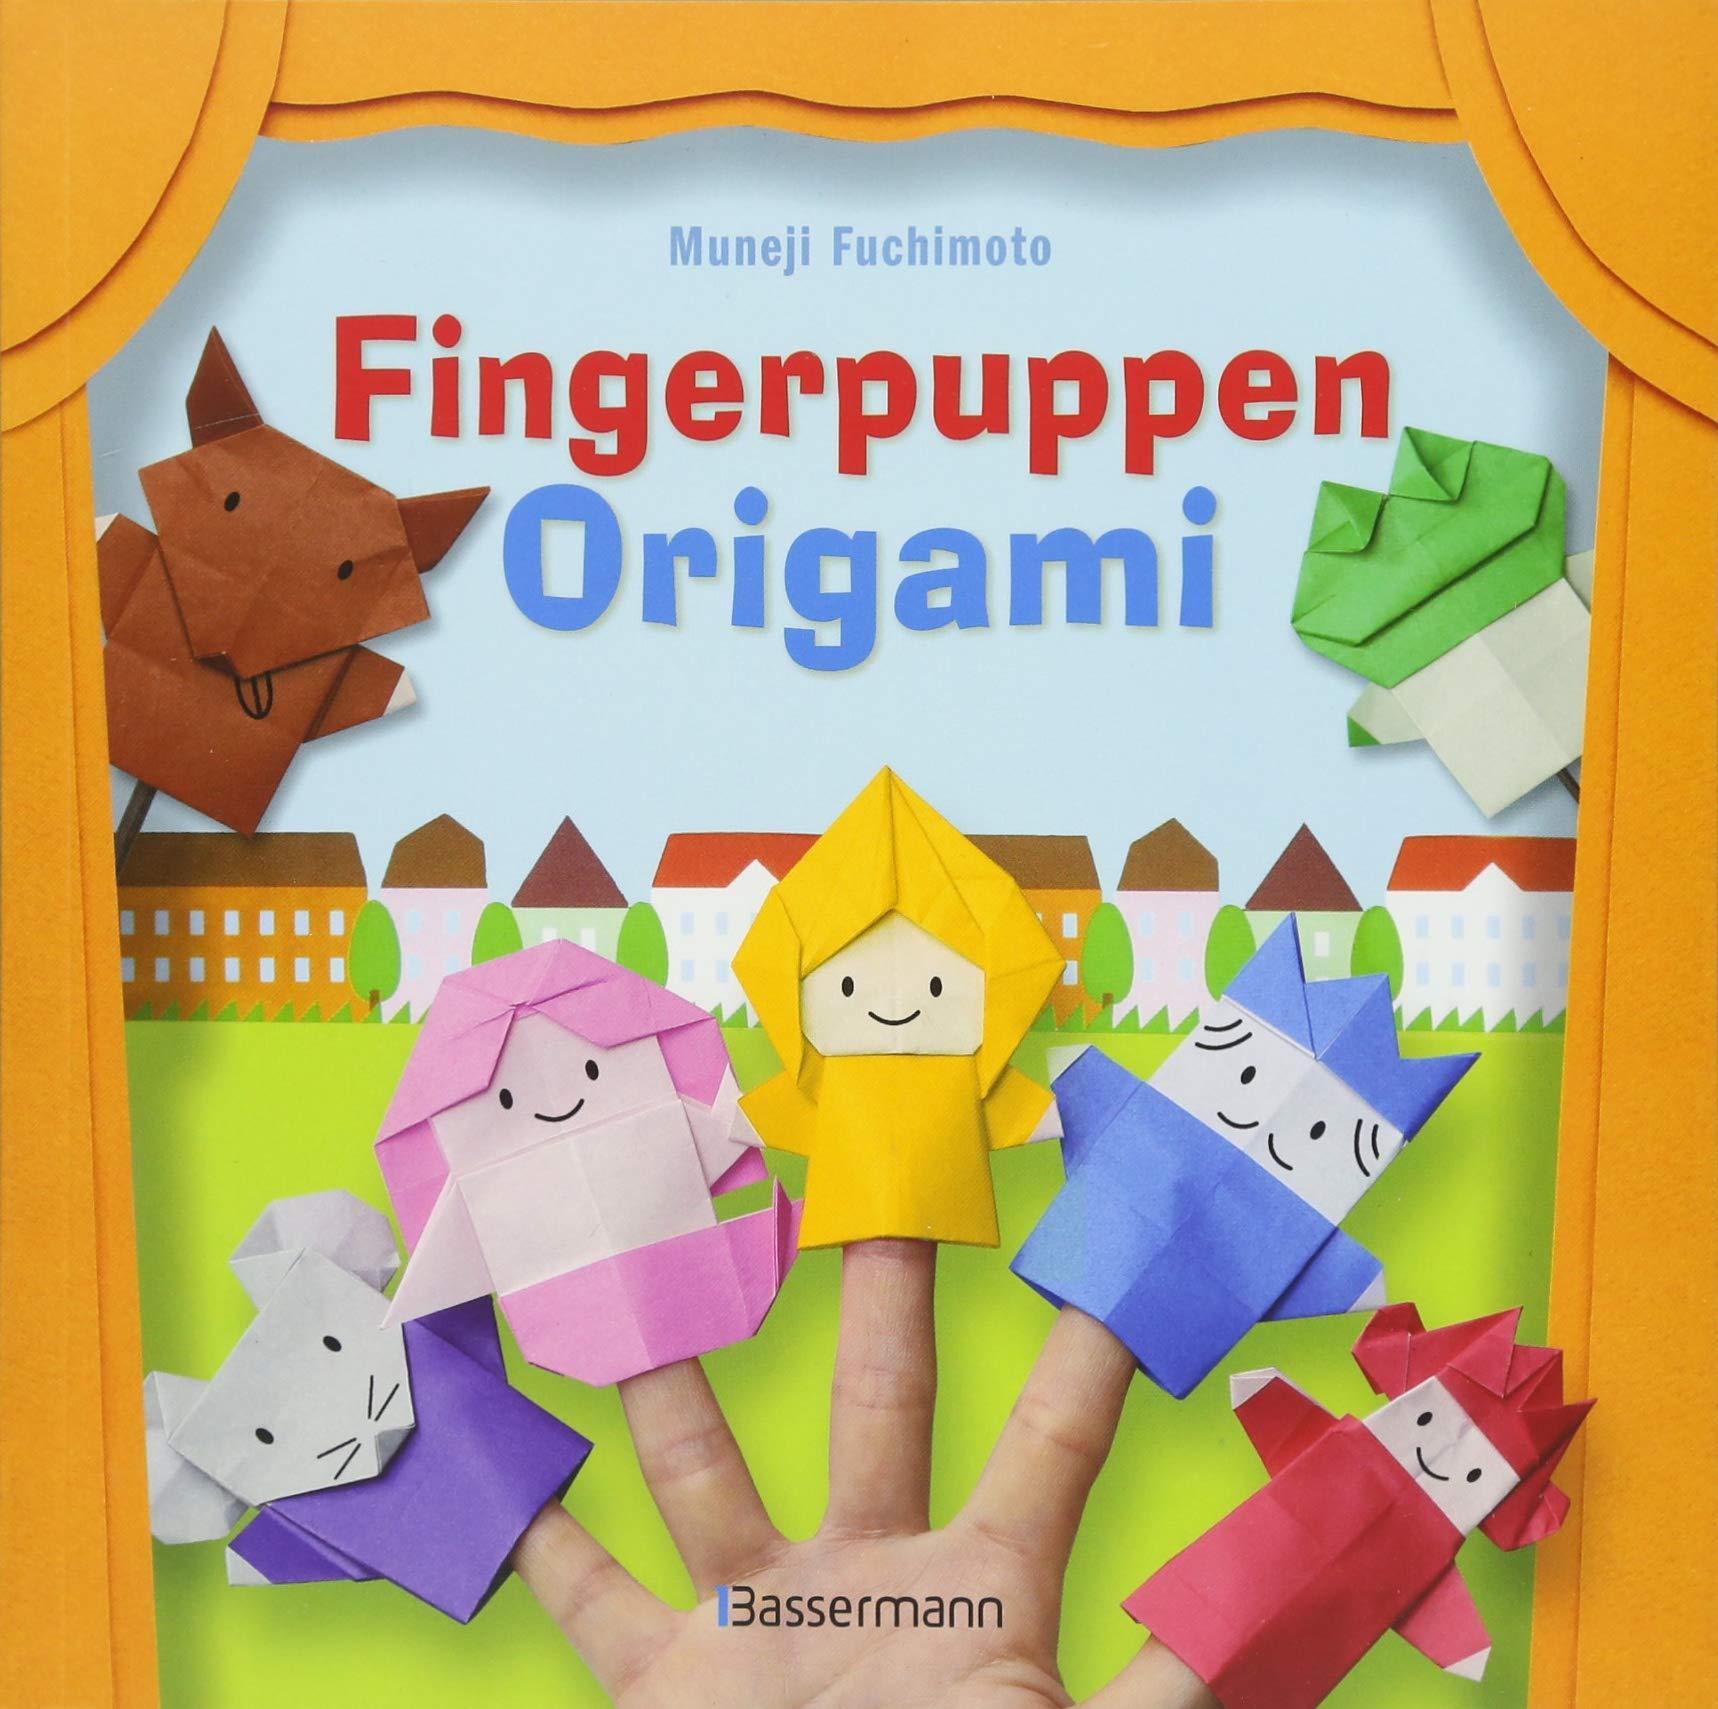 Fingerpuppen Origami Uber 20 Faltfiguren 25 Blatt Papier Amazonde Muneji Fuchimoto Bucher